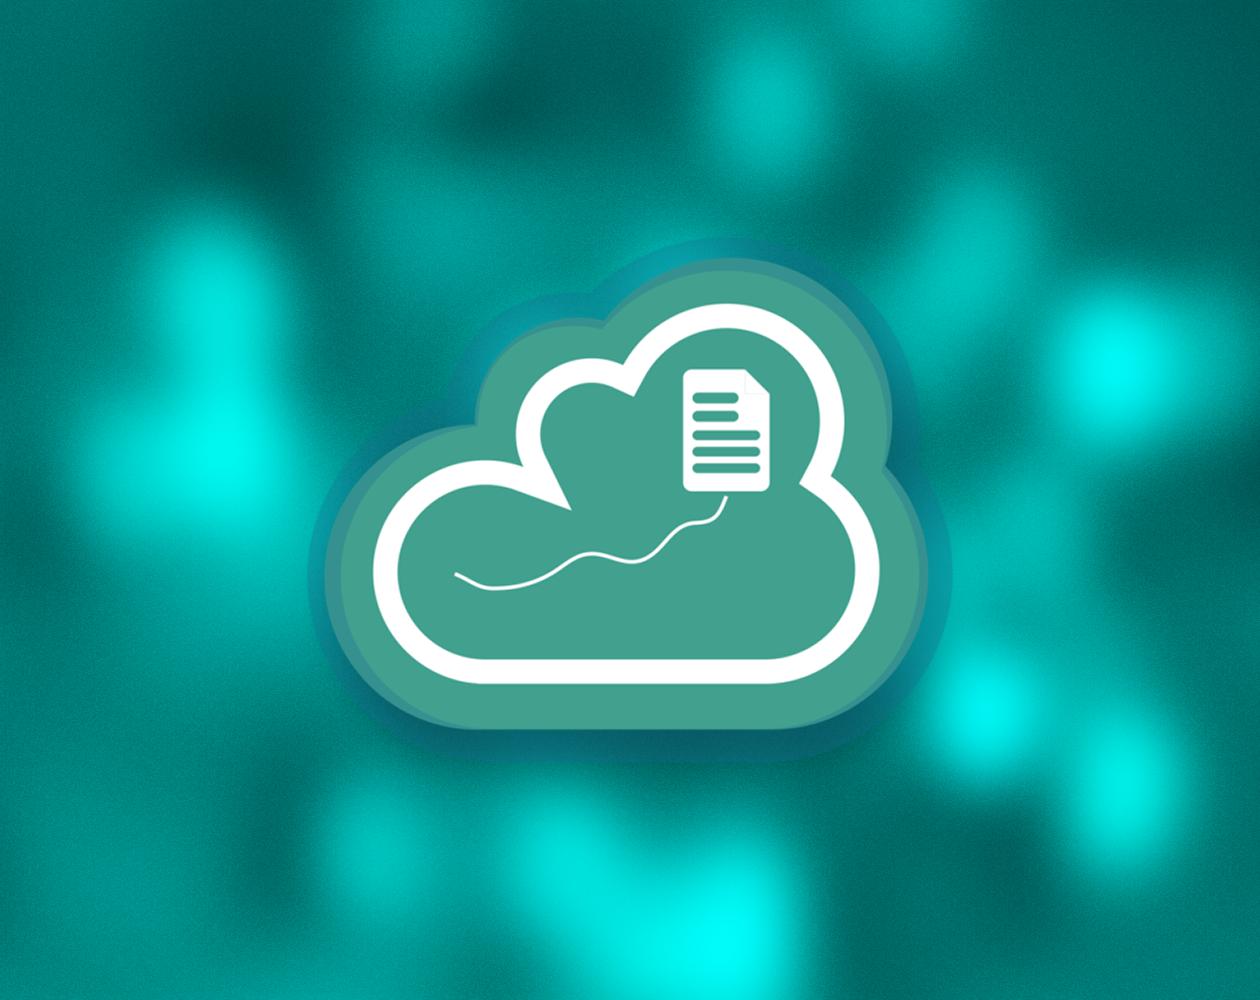 AirFile для OS X и iOS: работаем со всеми облачными хранилищами в одном приложении